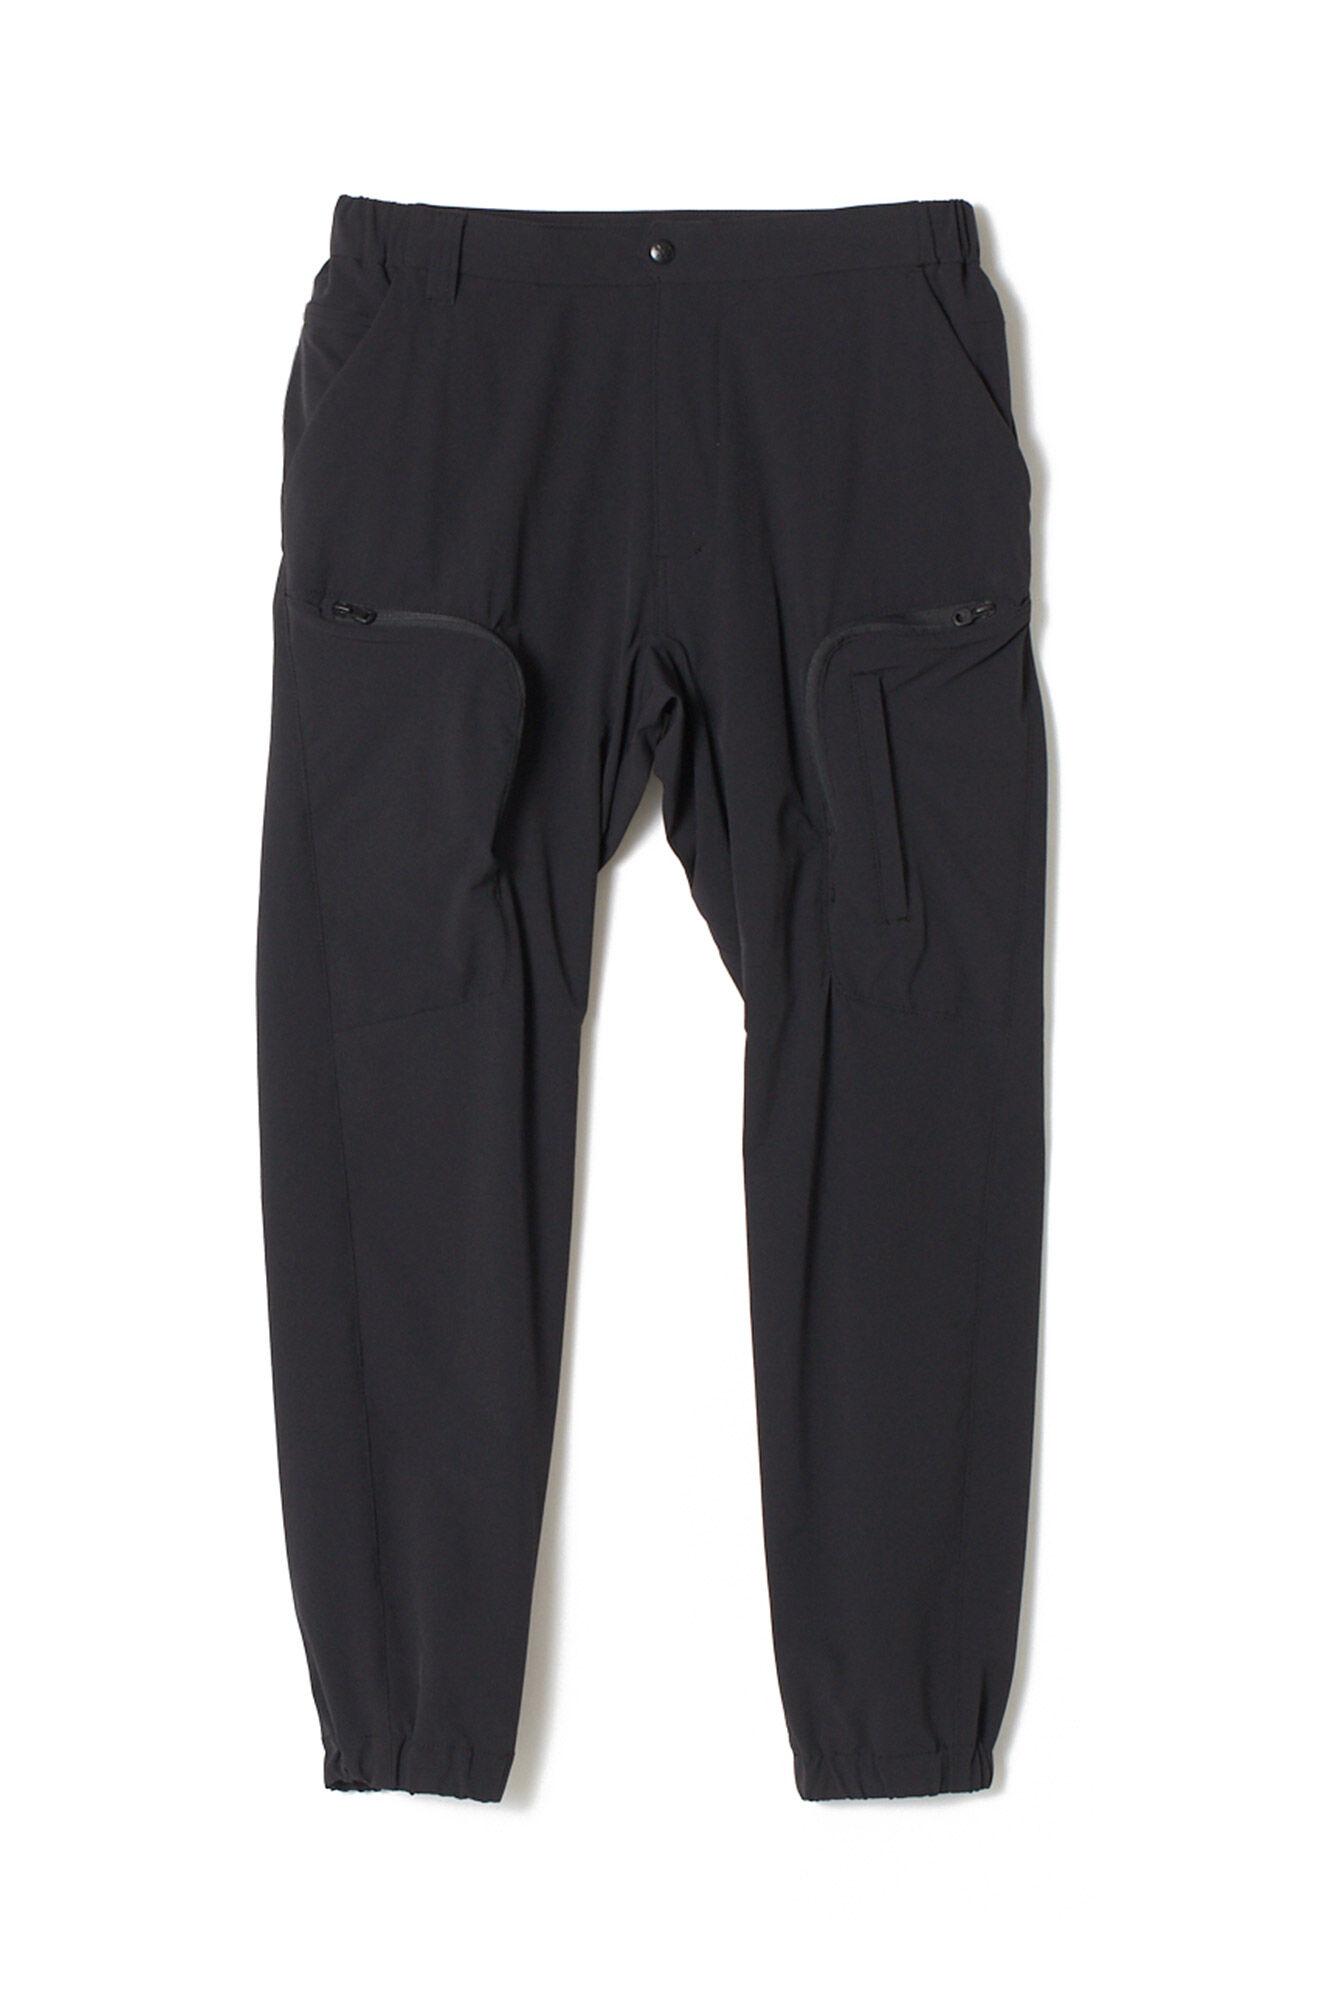 Tech cargo pants WM1973404, BLACK BLCK